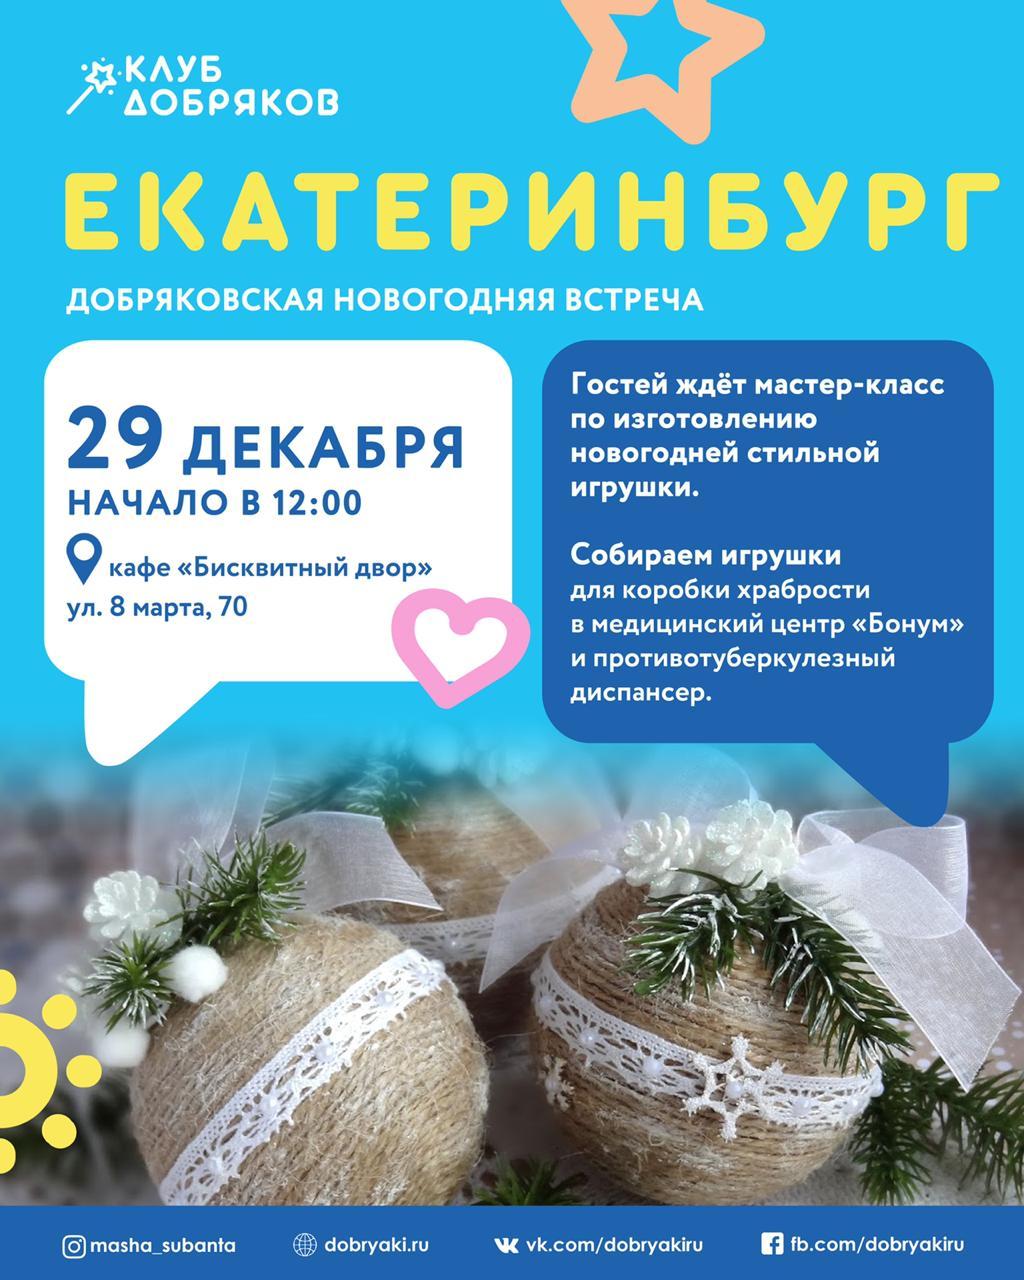 В Екатеринбурге пройдет новогодняя добряковская встреча